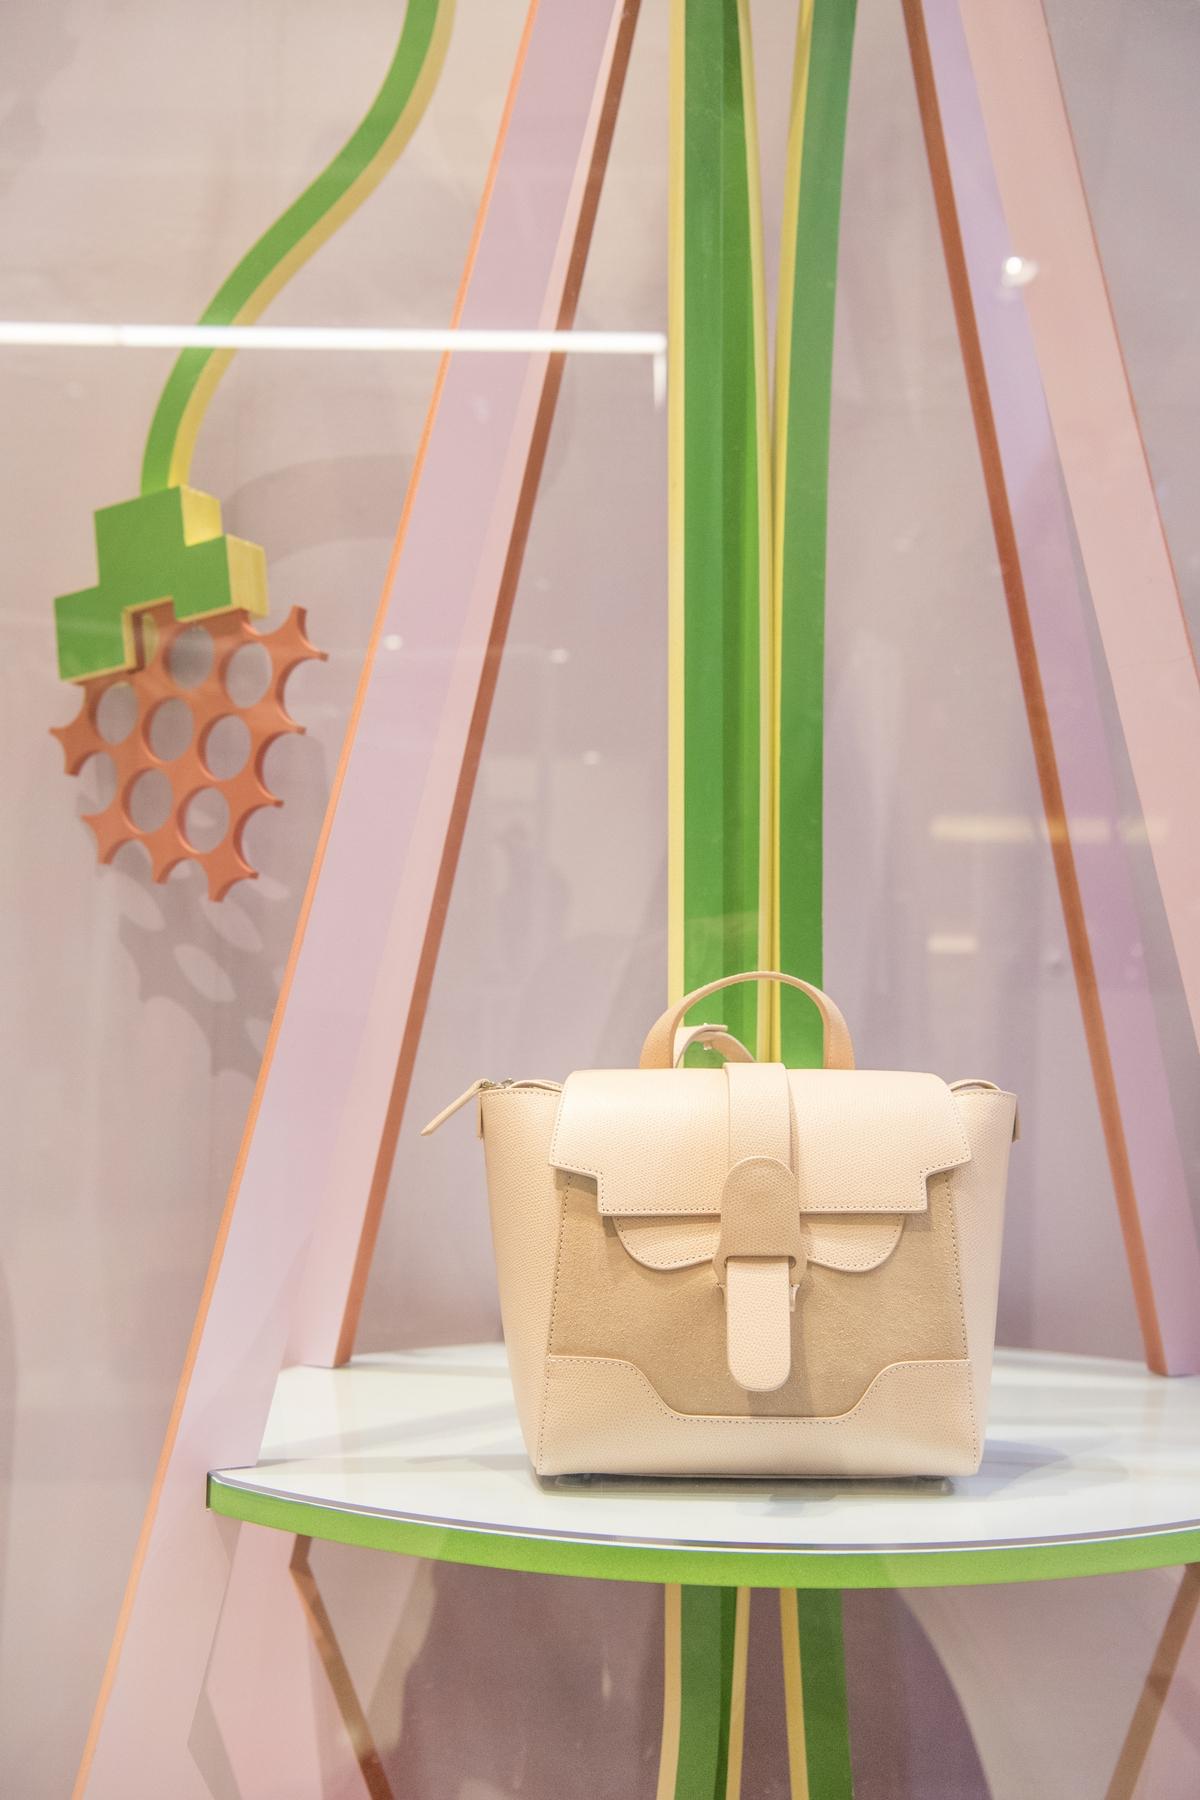 預算有限又想買新包?潮人最愛小眾包SENREVE百搭實揹,台灣現在也能買到啦!